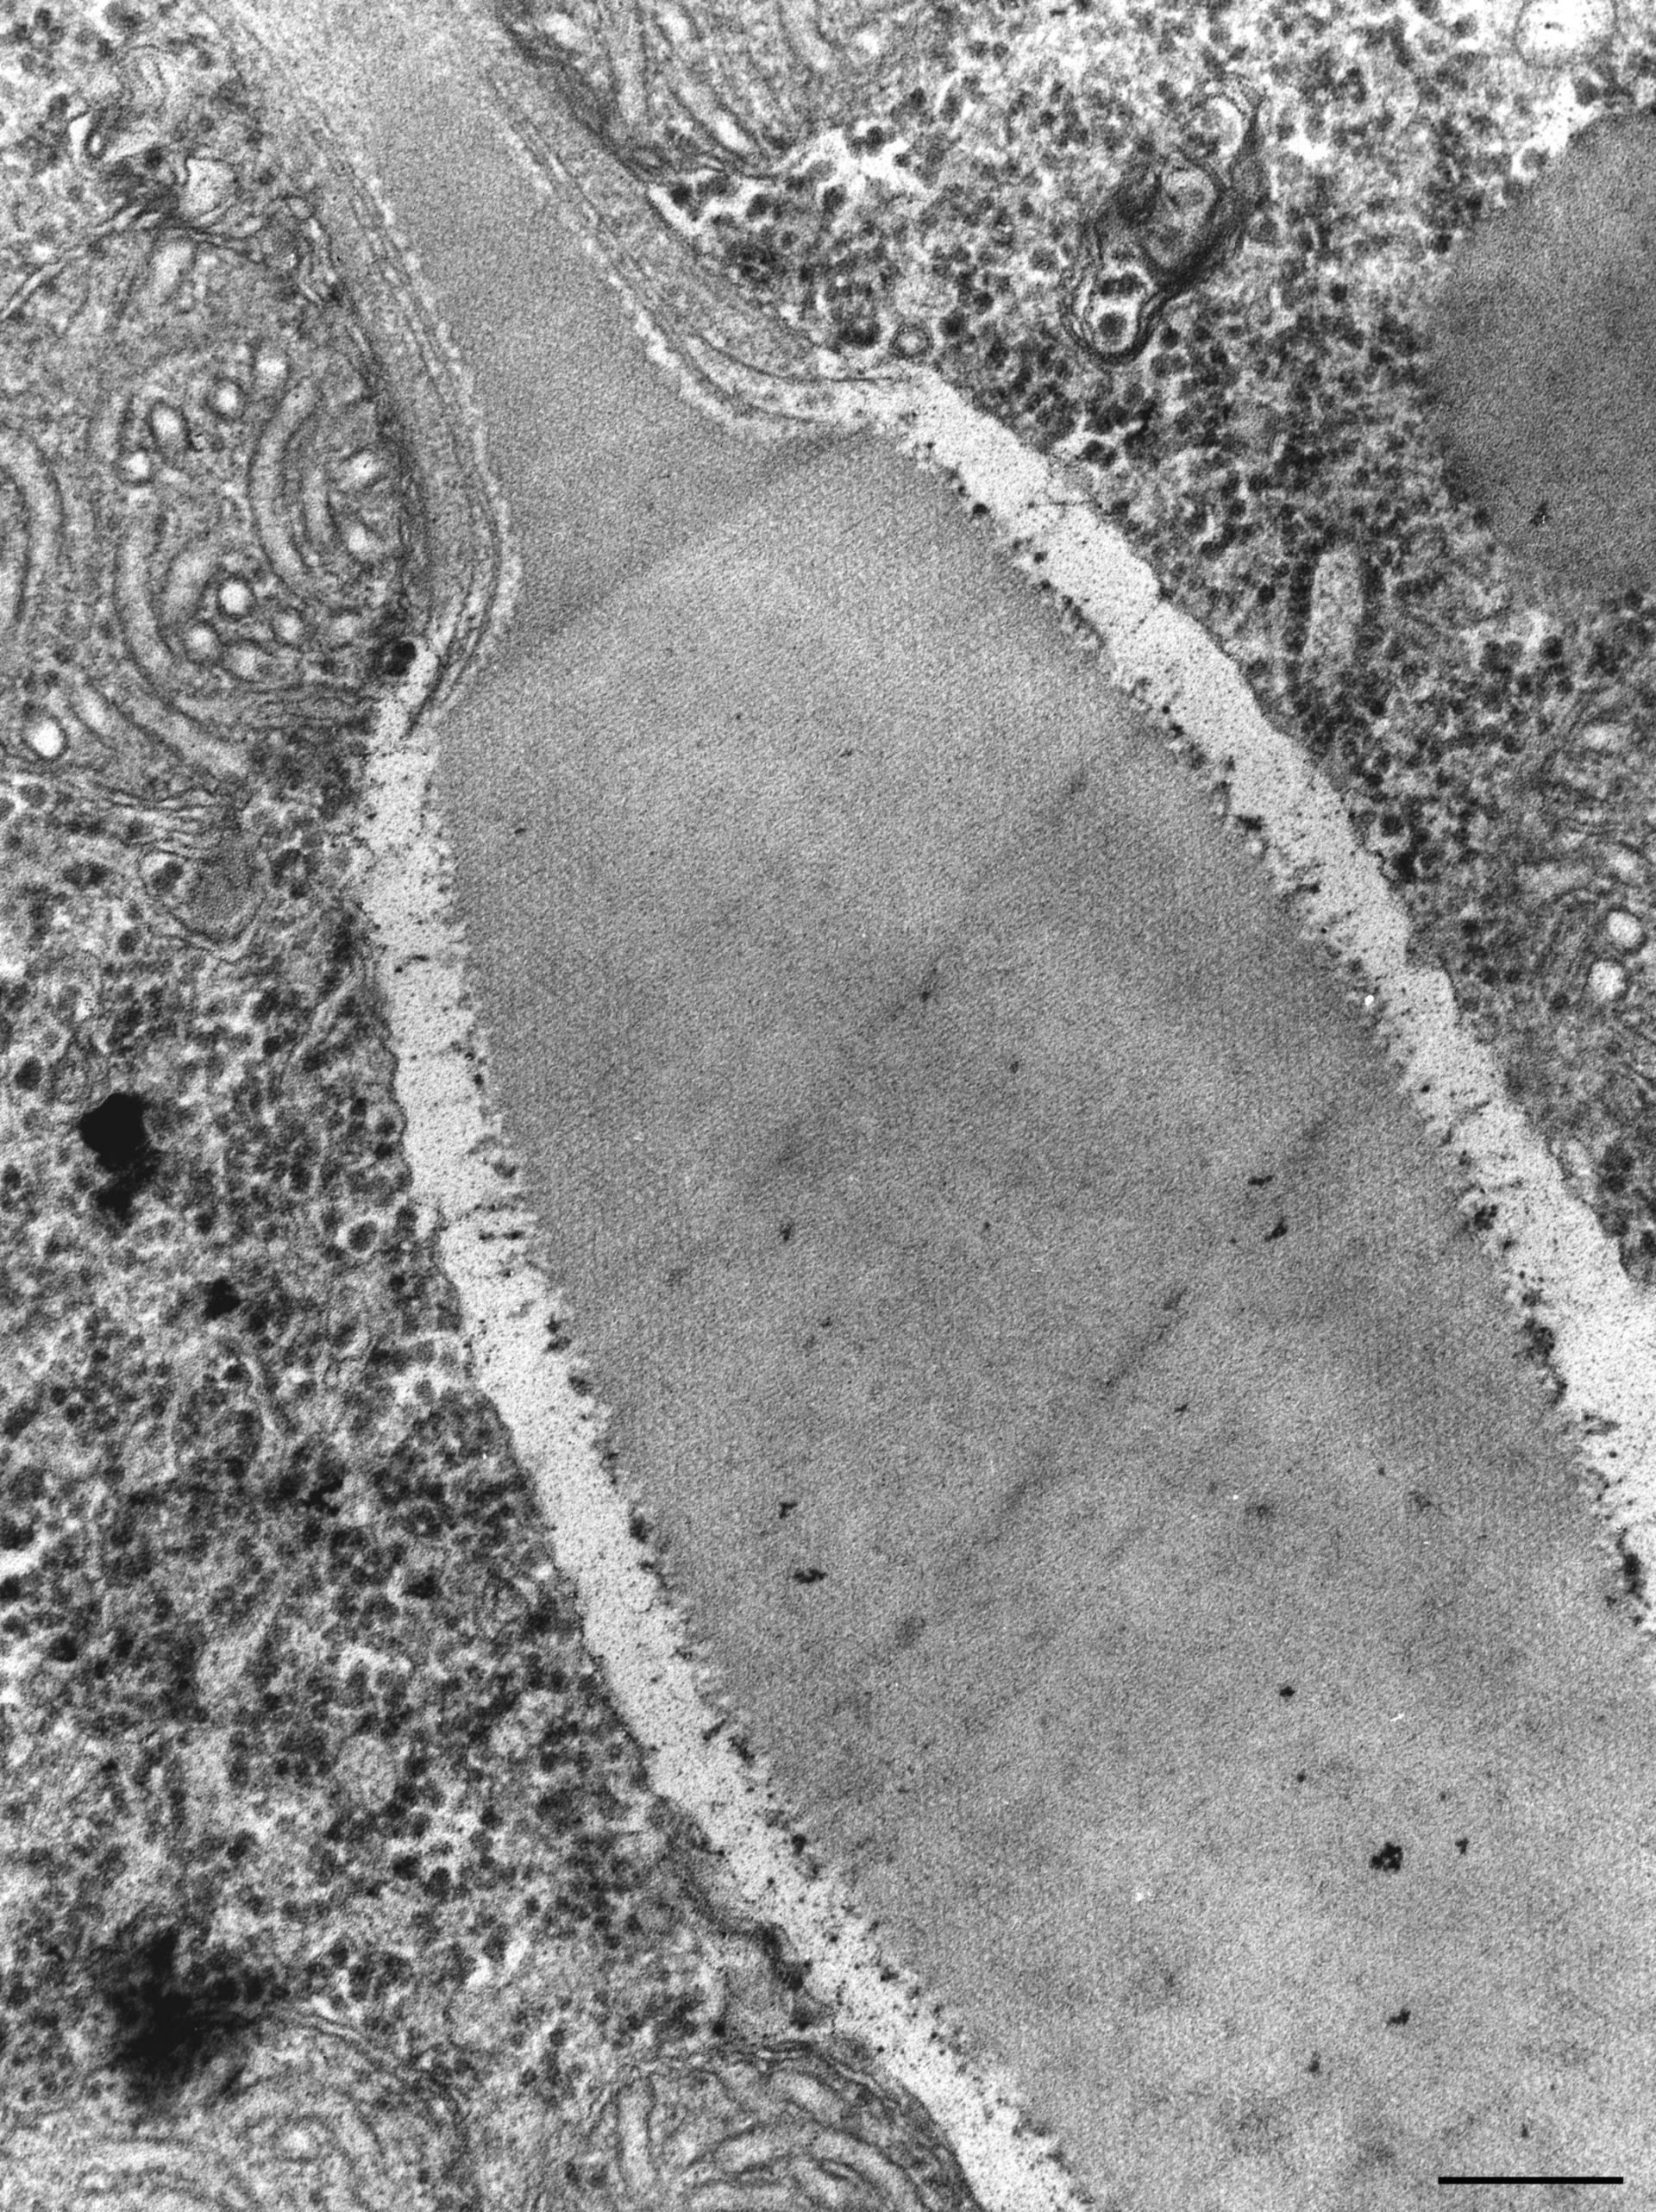 Paramecium caudatum (Organelle membrane) - CIL:36772